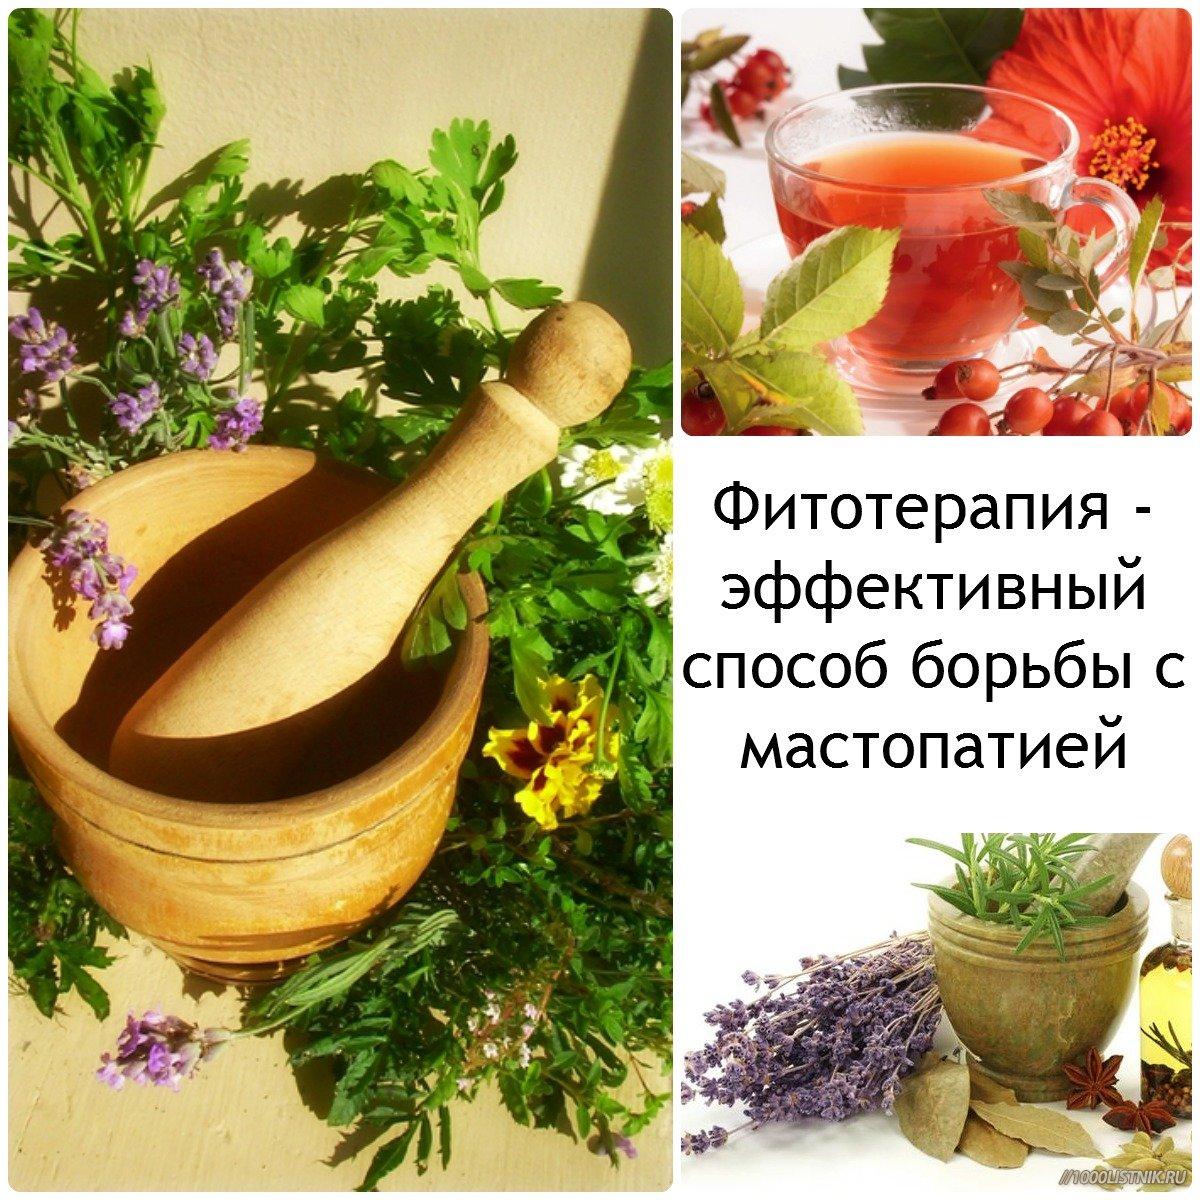 Лечение мастопатии при помощи народных средств